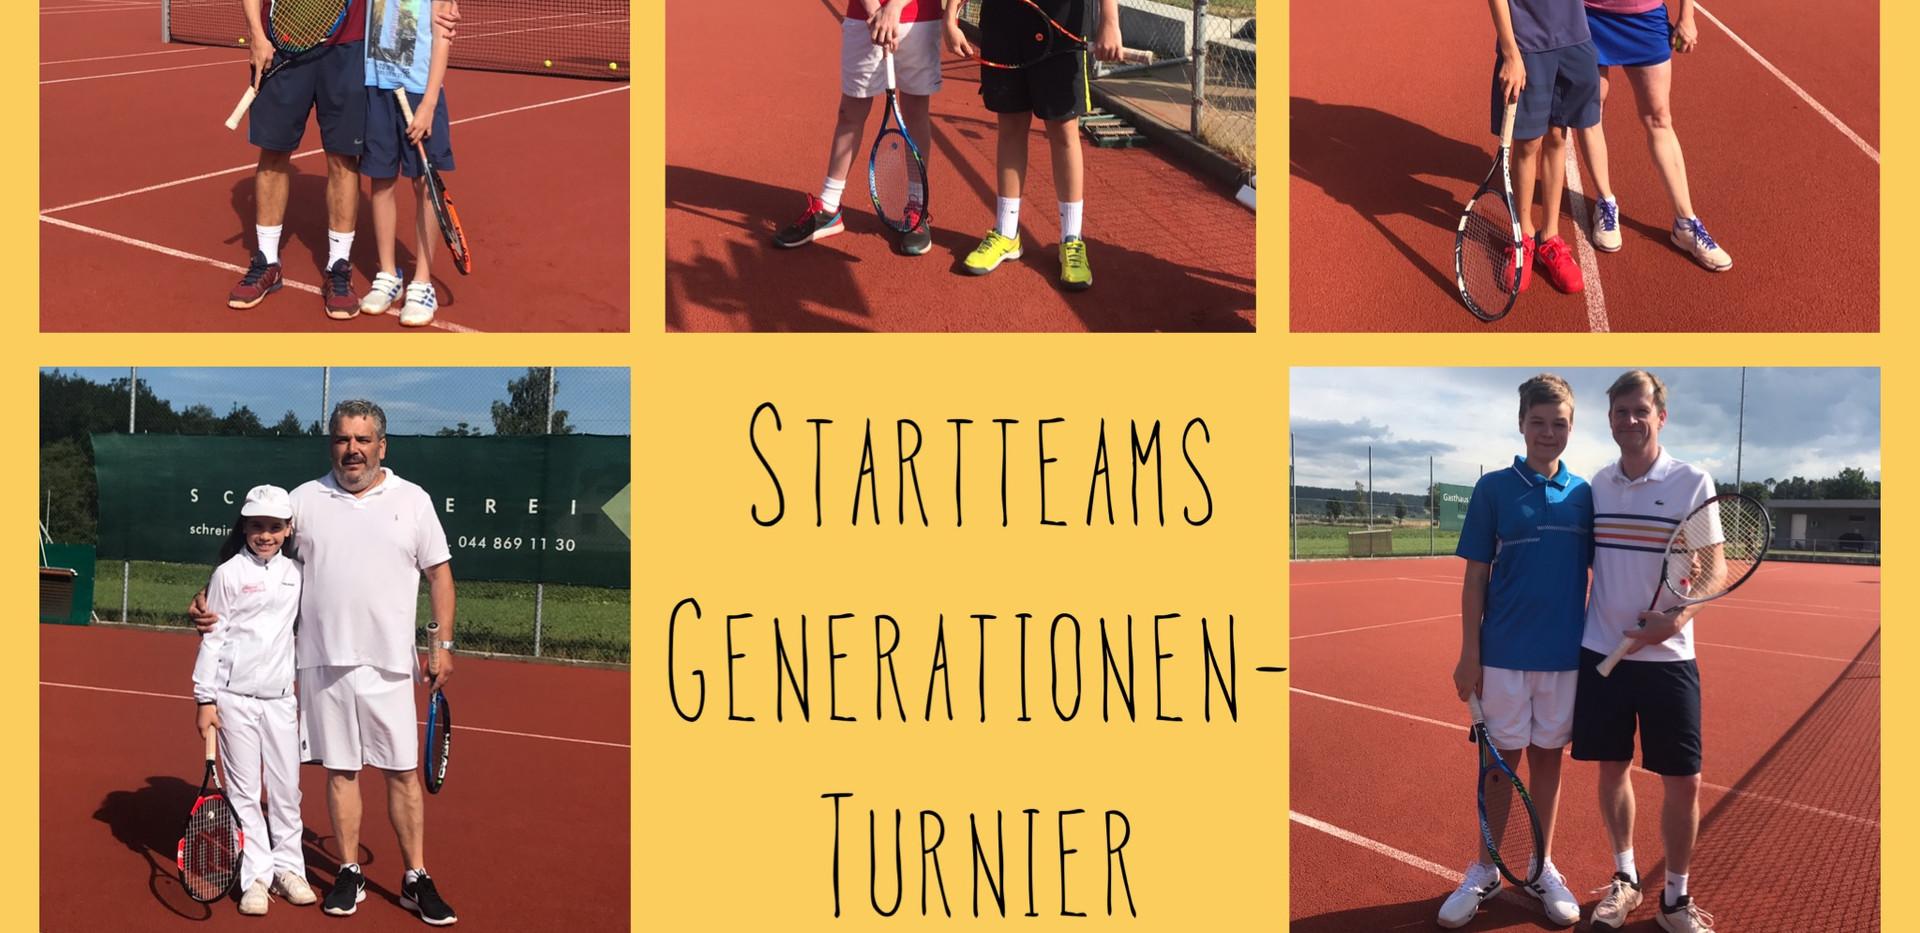 2019 Generationenturnier Teams.JPG